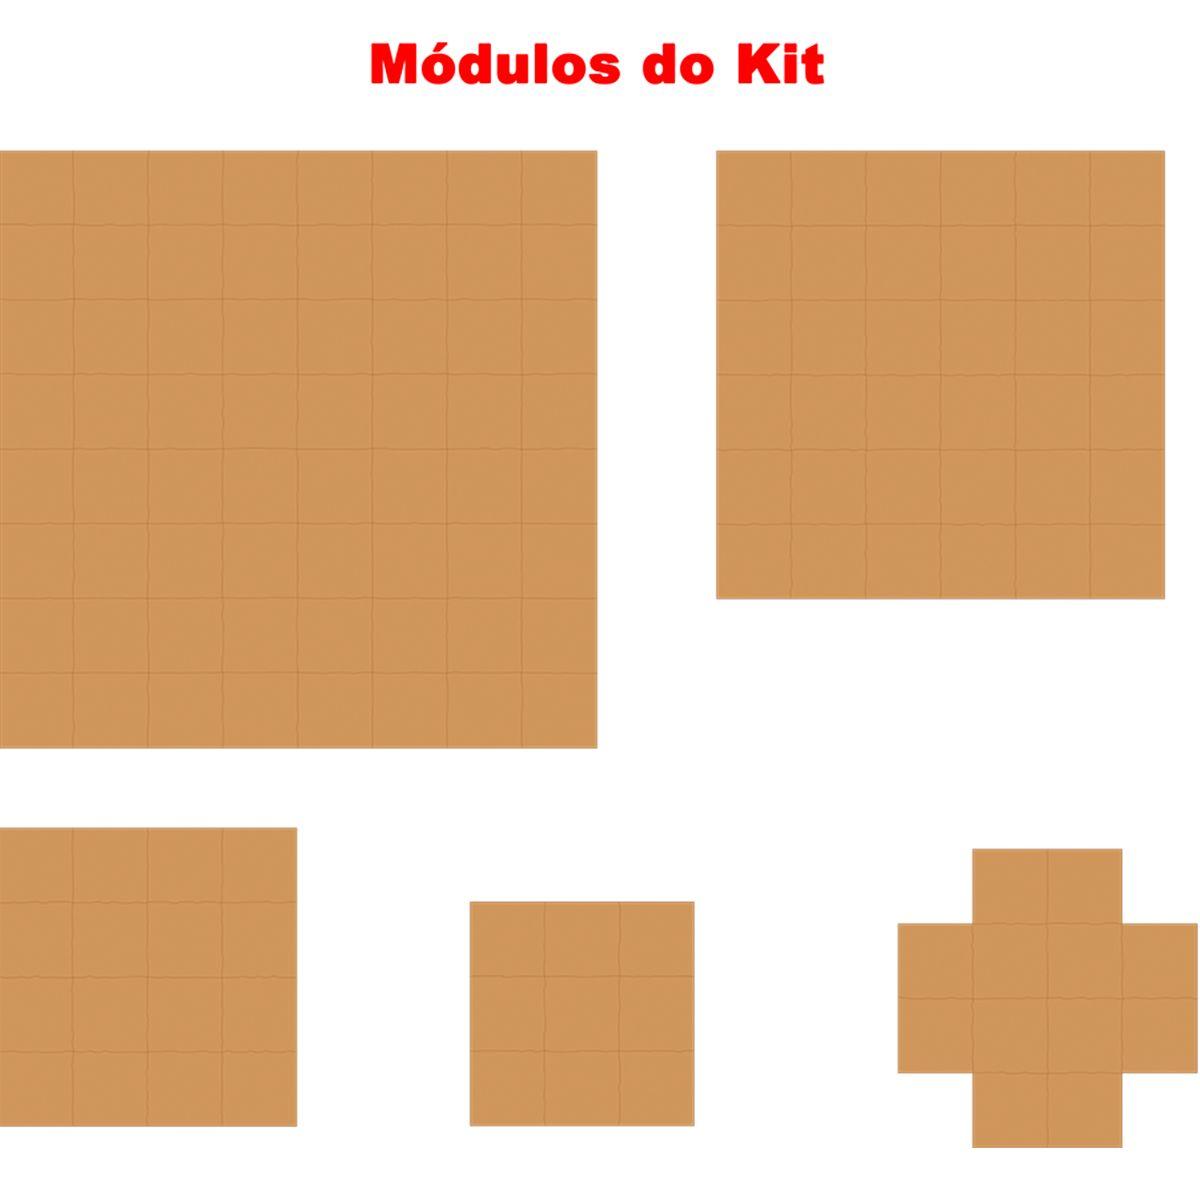 Kit Modular de Mapas RPG Grids Bucaneiros